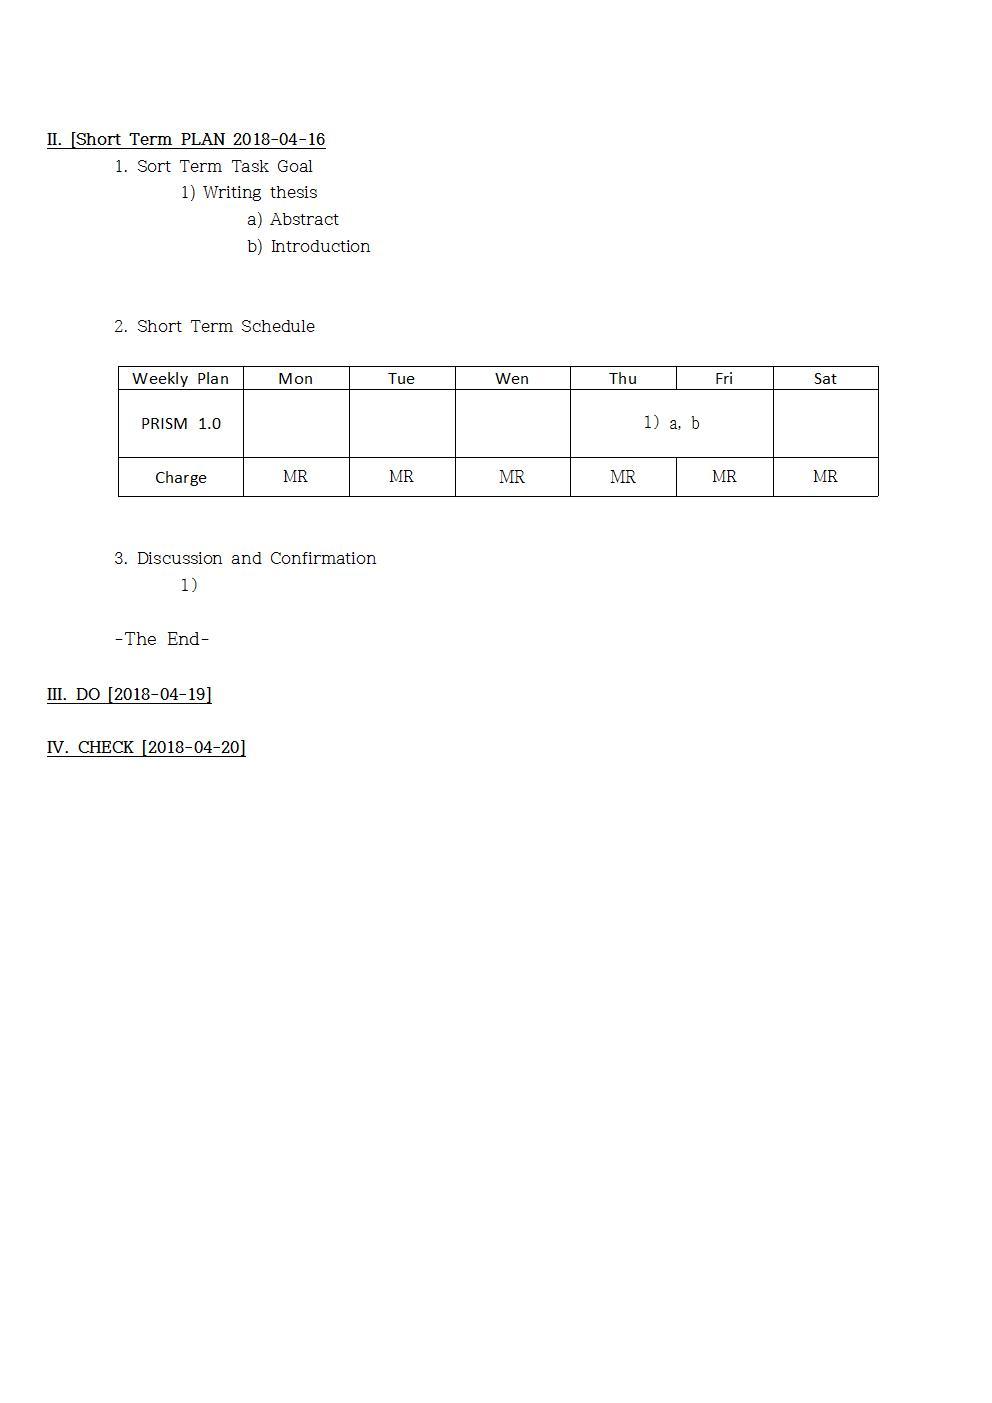 D-[18-039-PP-15]-[MS-Thesis-MR]-[2018-04-16]-[MR]002.jpg